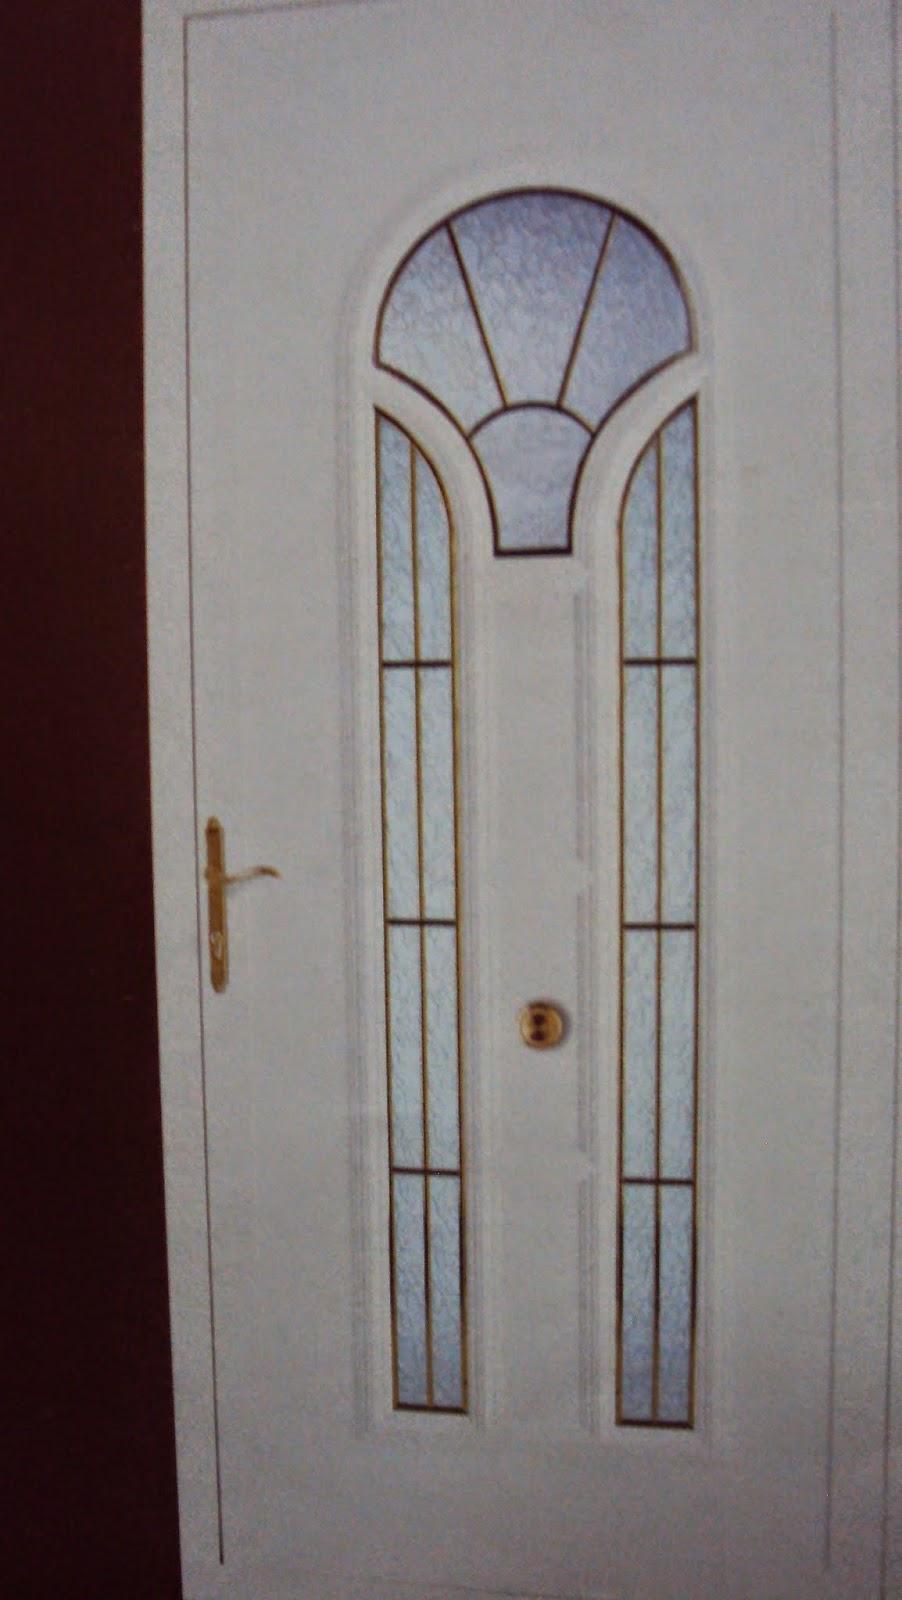 Aluminio y cerrajer a abel y cesar santiuste de san juan - Puertas de dos hojas ...